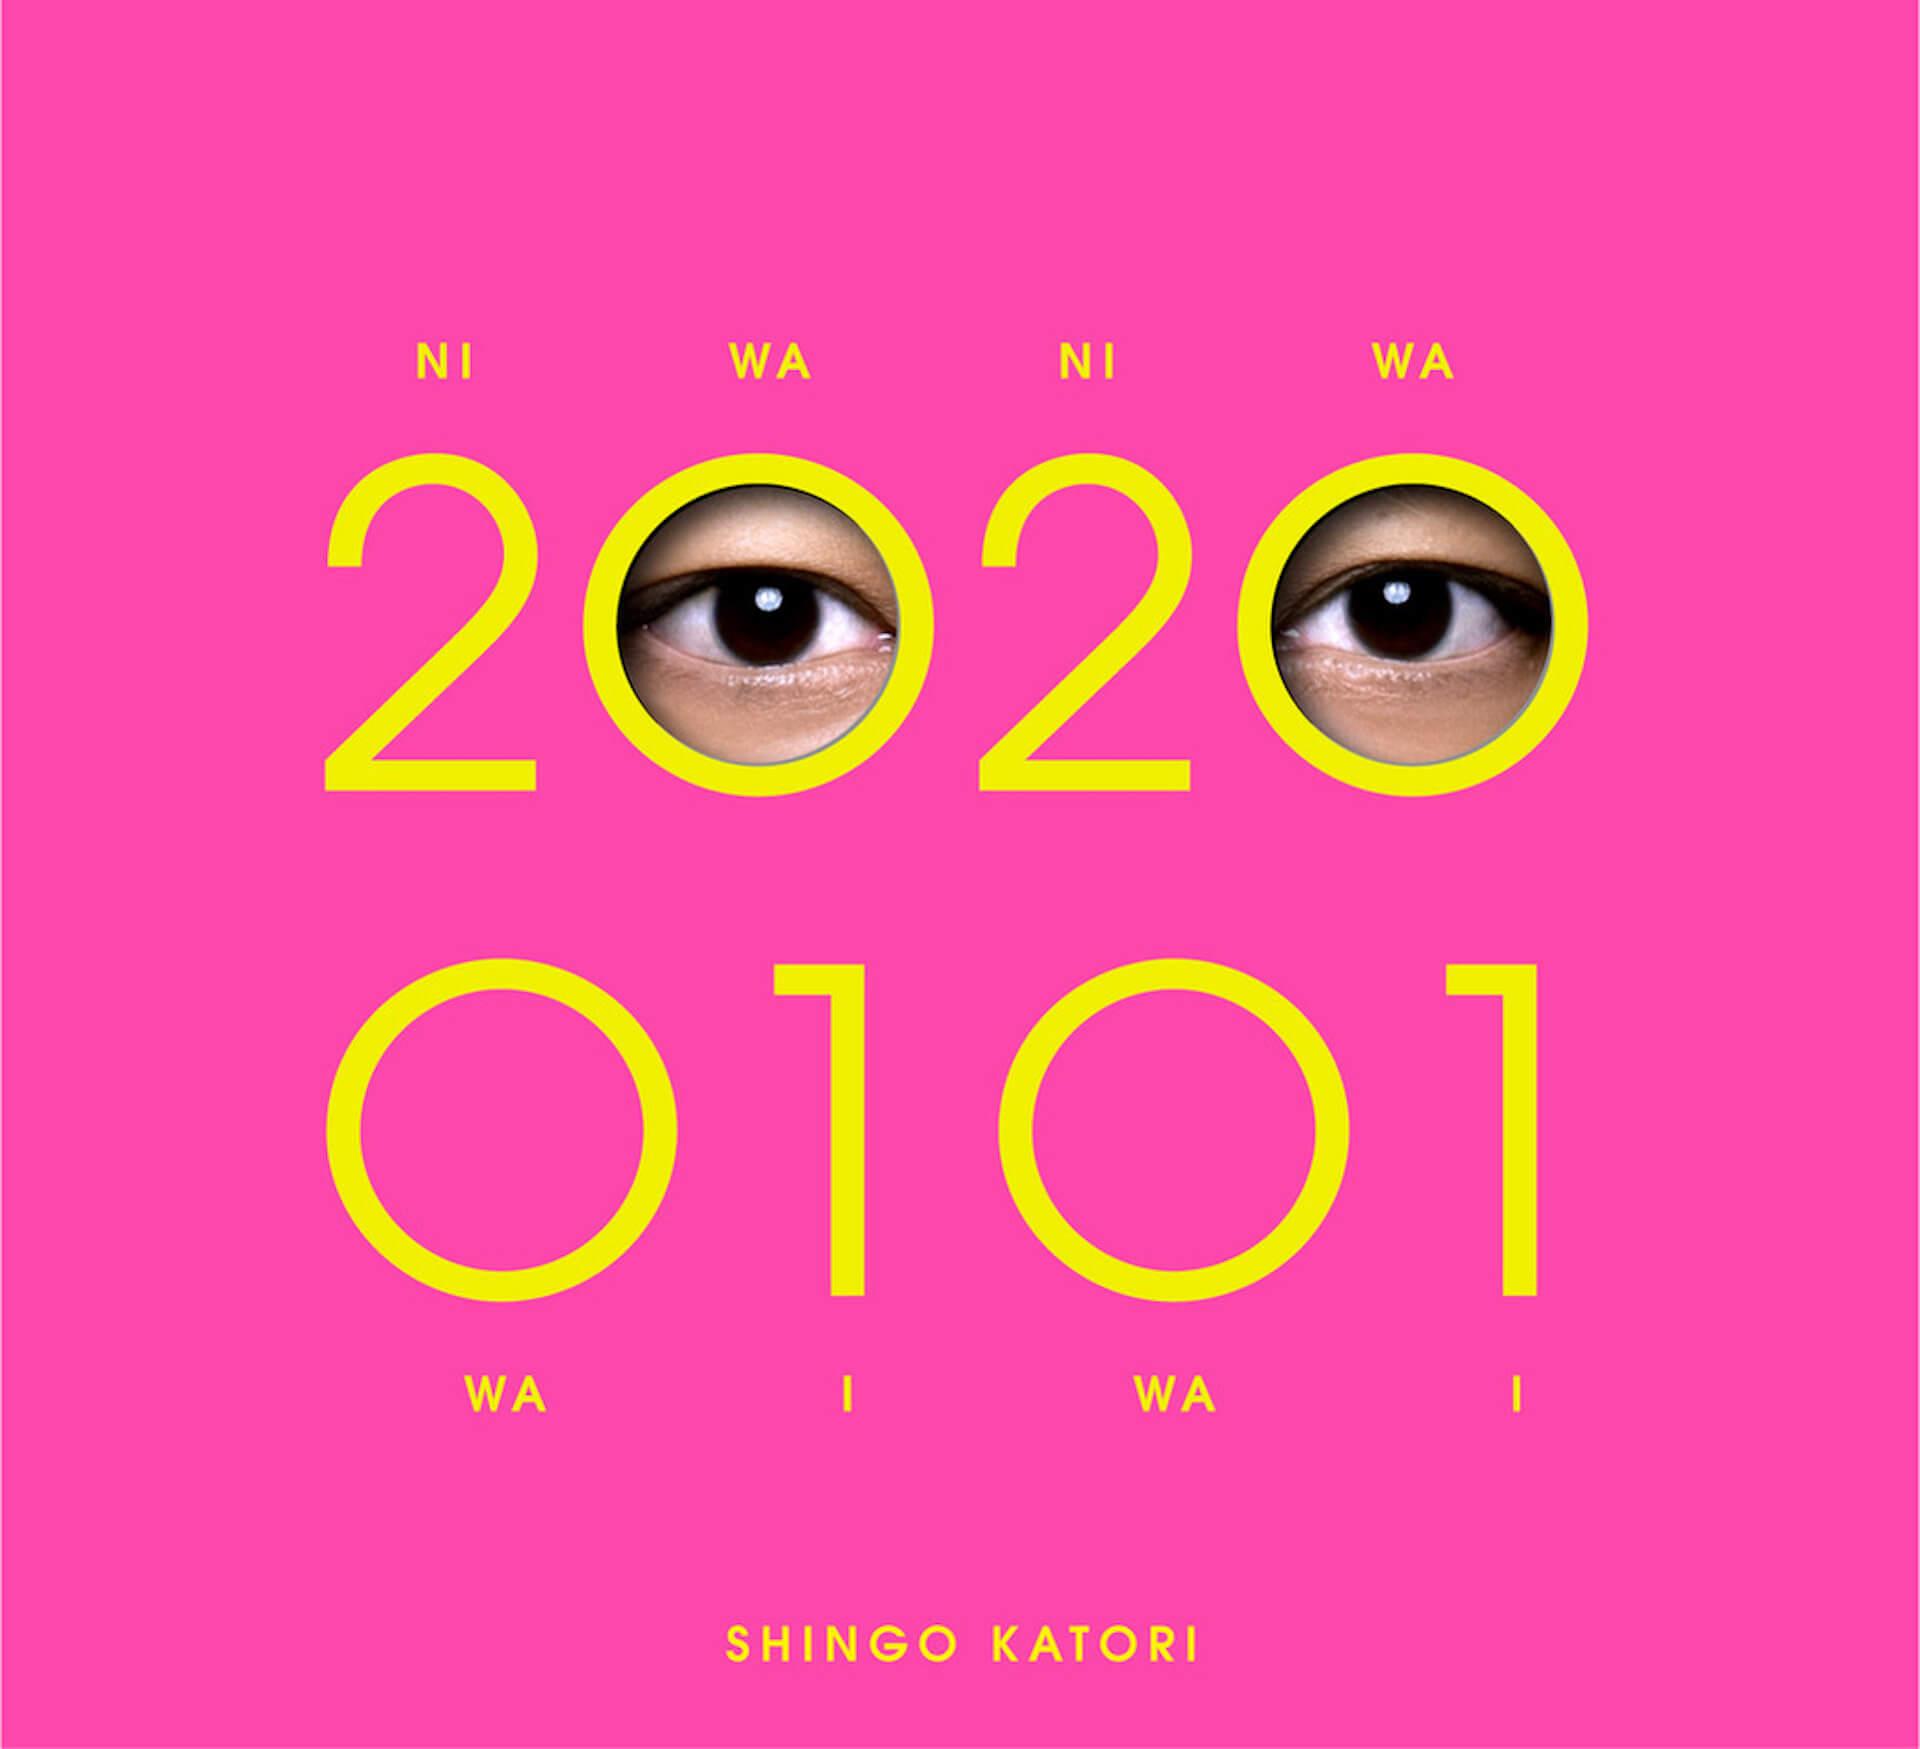 香取慎吾のアルバム『20200101』が週間ランキング4冠達成!さいたまスーパーアリーナでの初ソロコンサート開催も決定 music200109_katorishingo_2